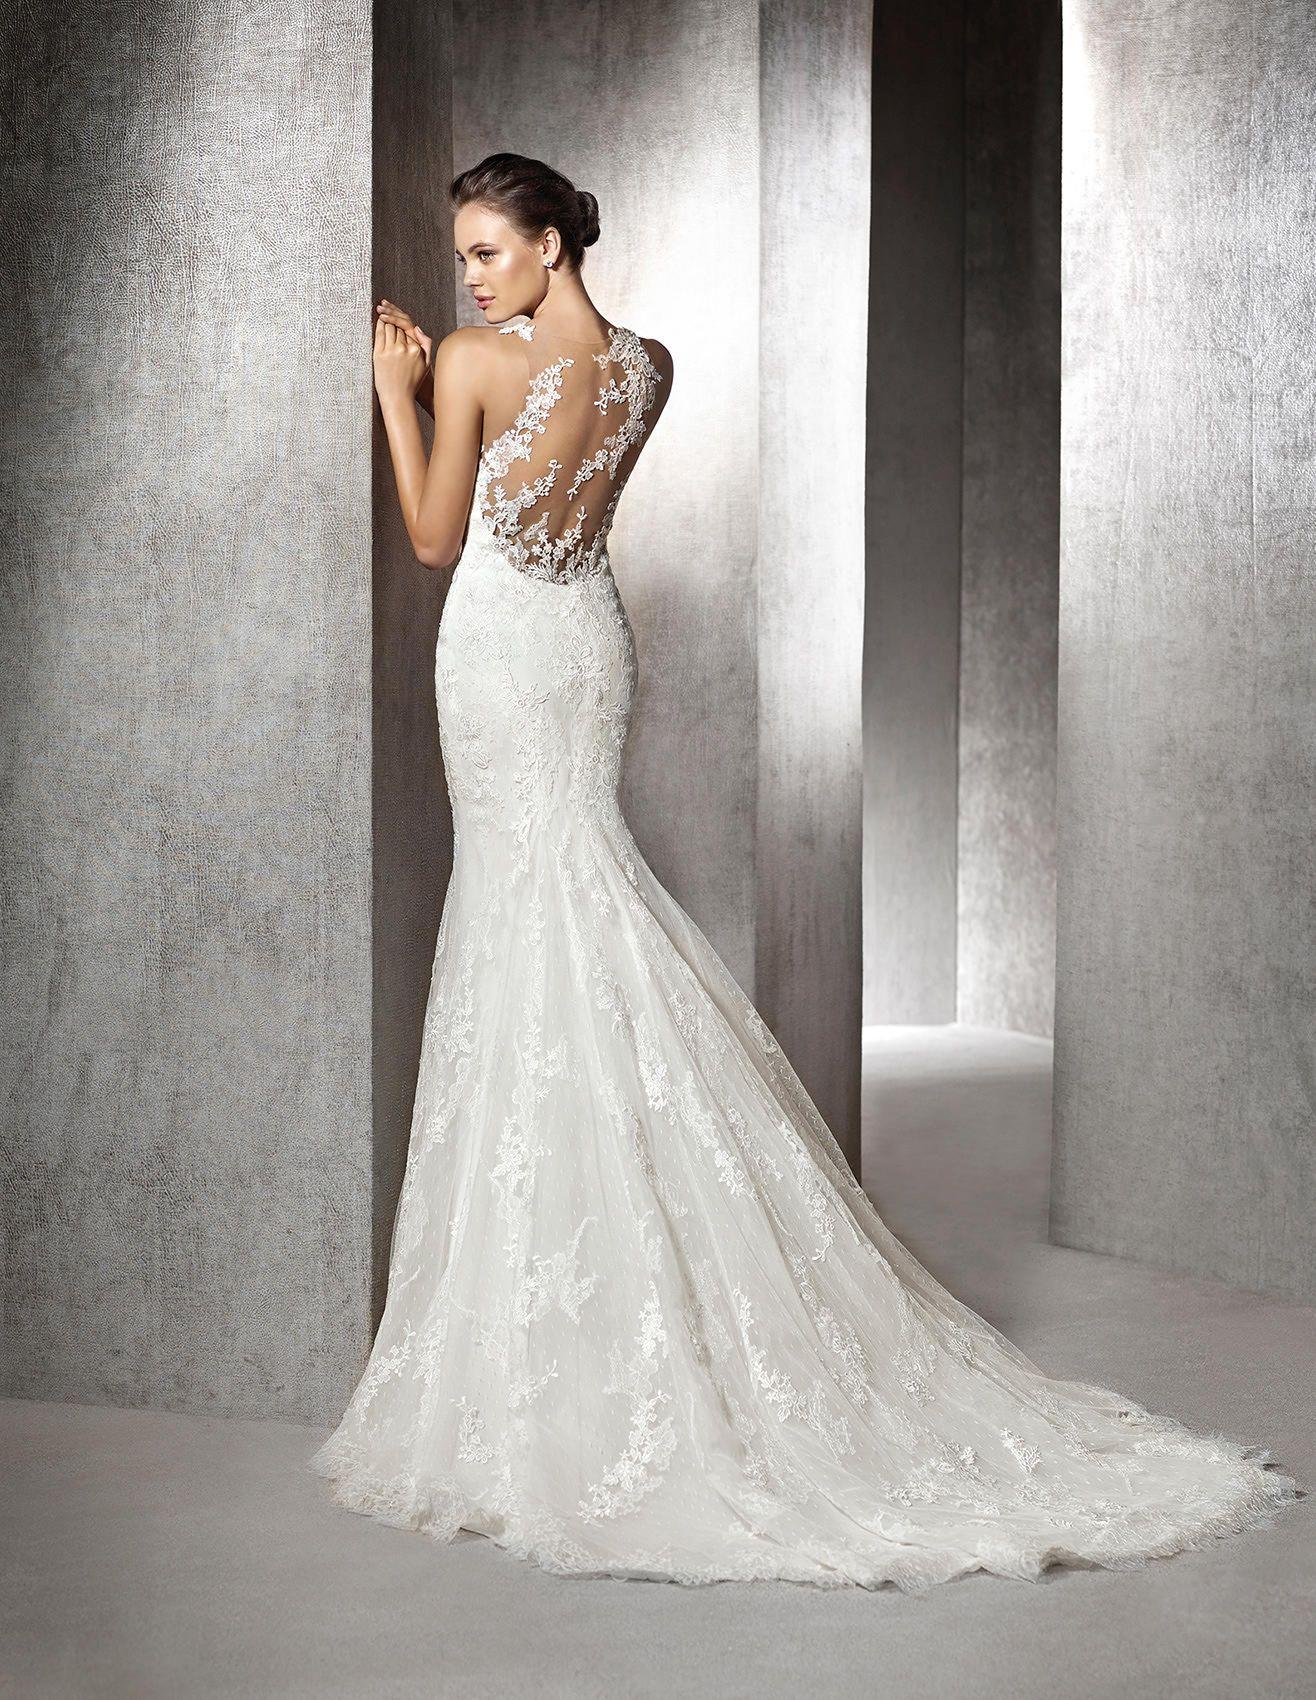 zulima brautkleid im meerjungfrau stil aus spitze st patrick wedding pinterest. Black Bedroom Furniture Sets. Home Design Ideas